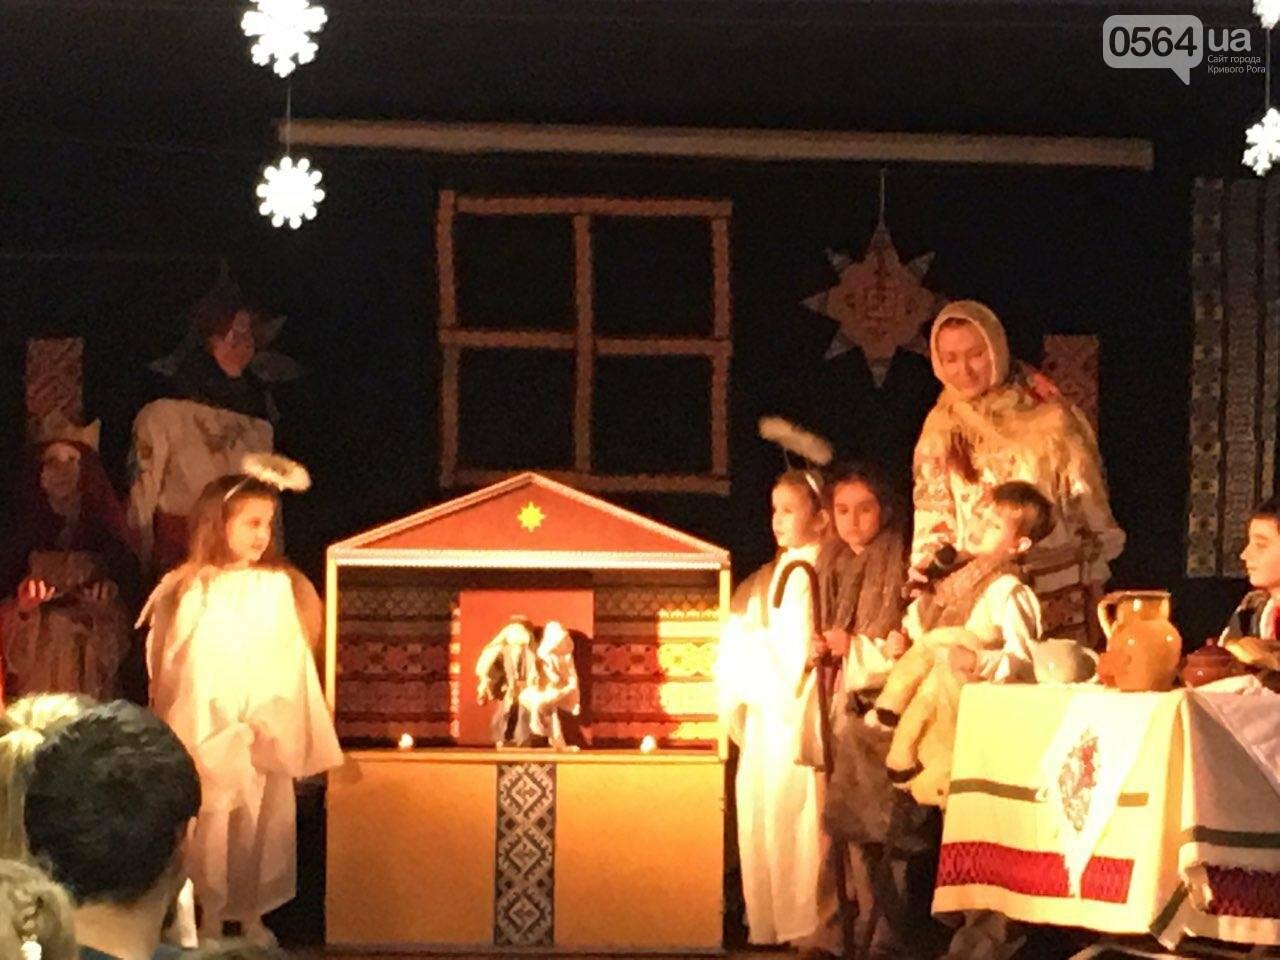 Христос рождается! В Кривом Роге показали Рождественский вертеп, - ФОТО, ВИДЕО, фото-13